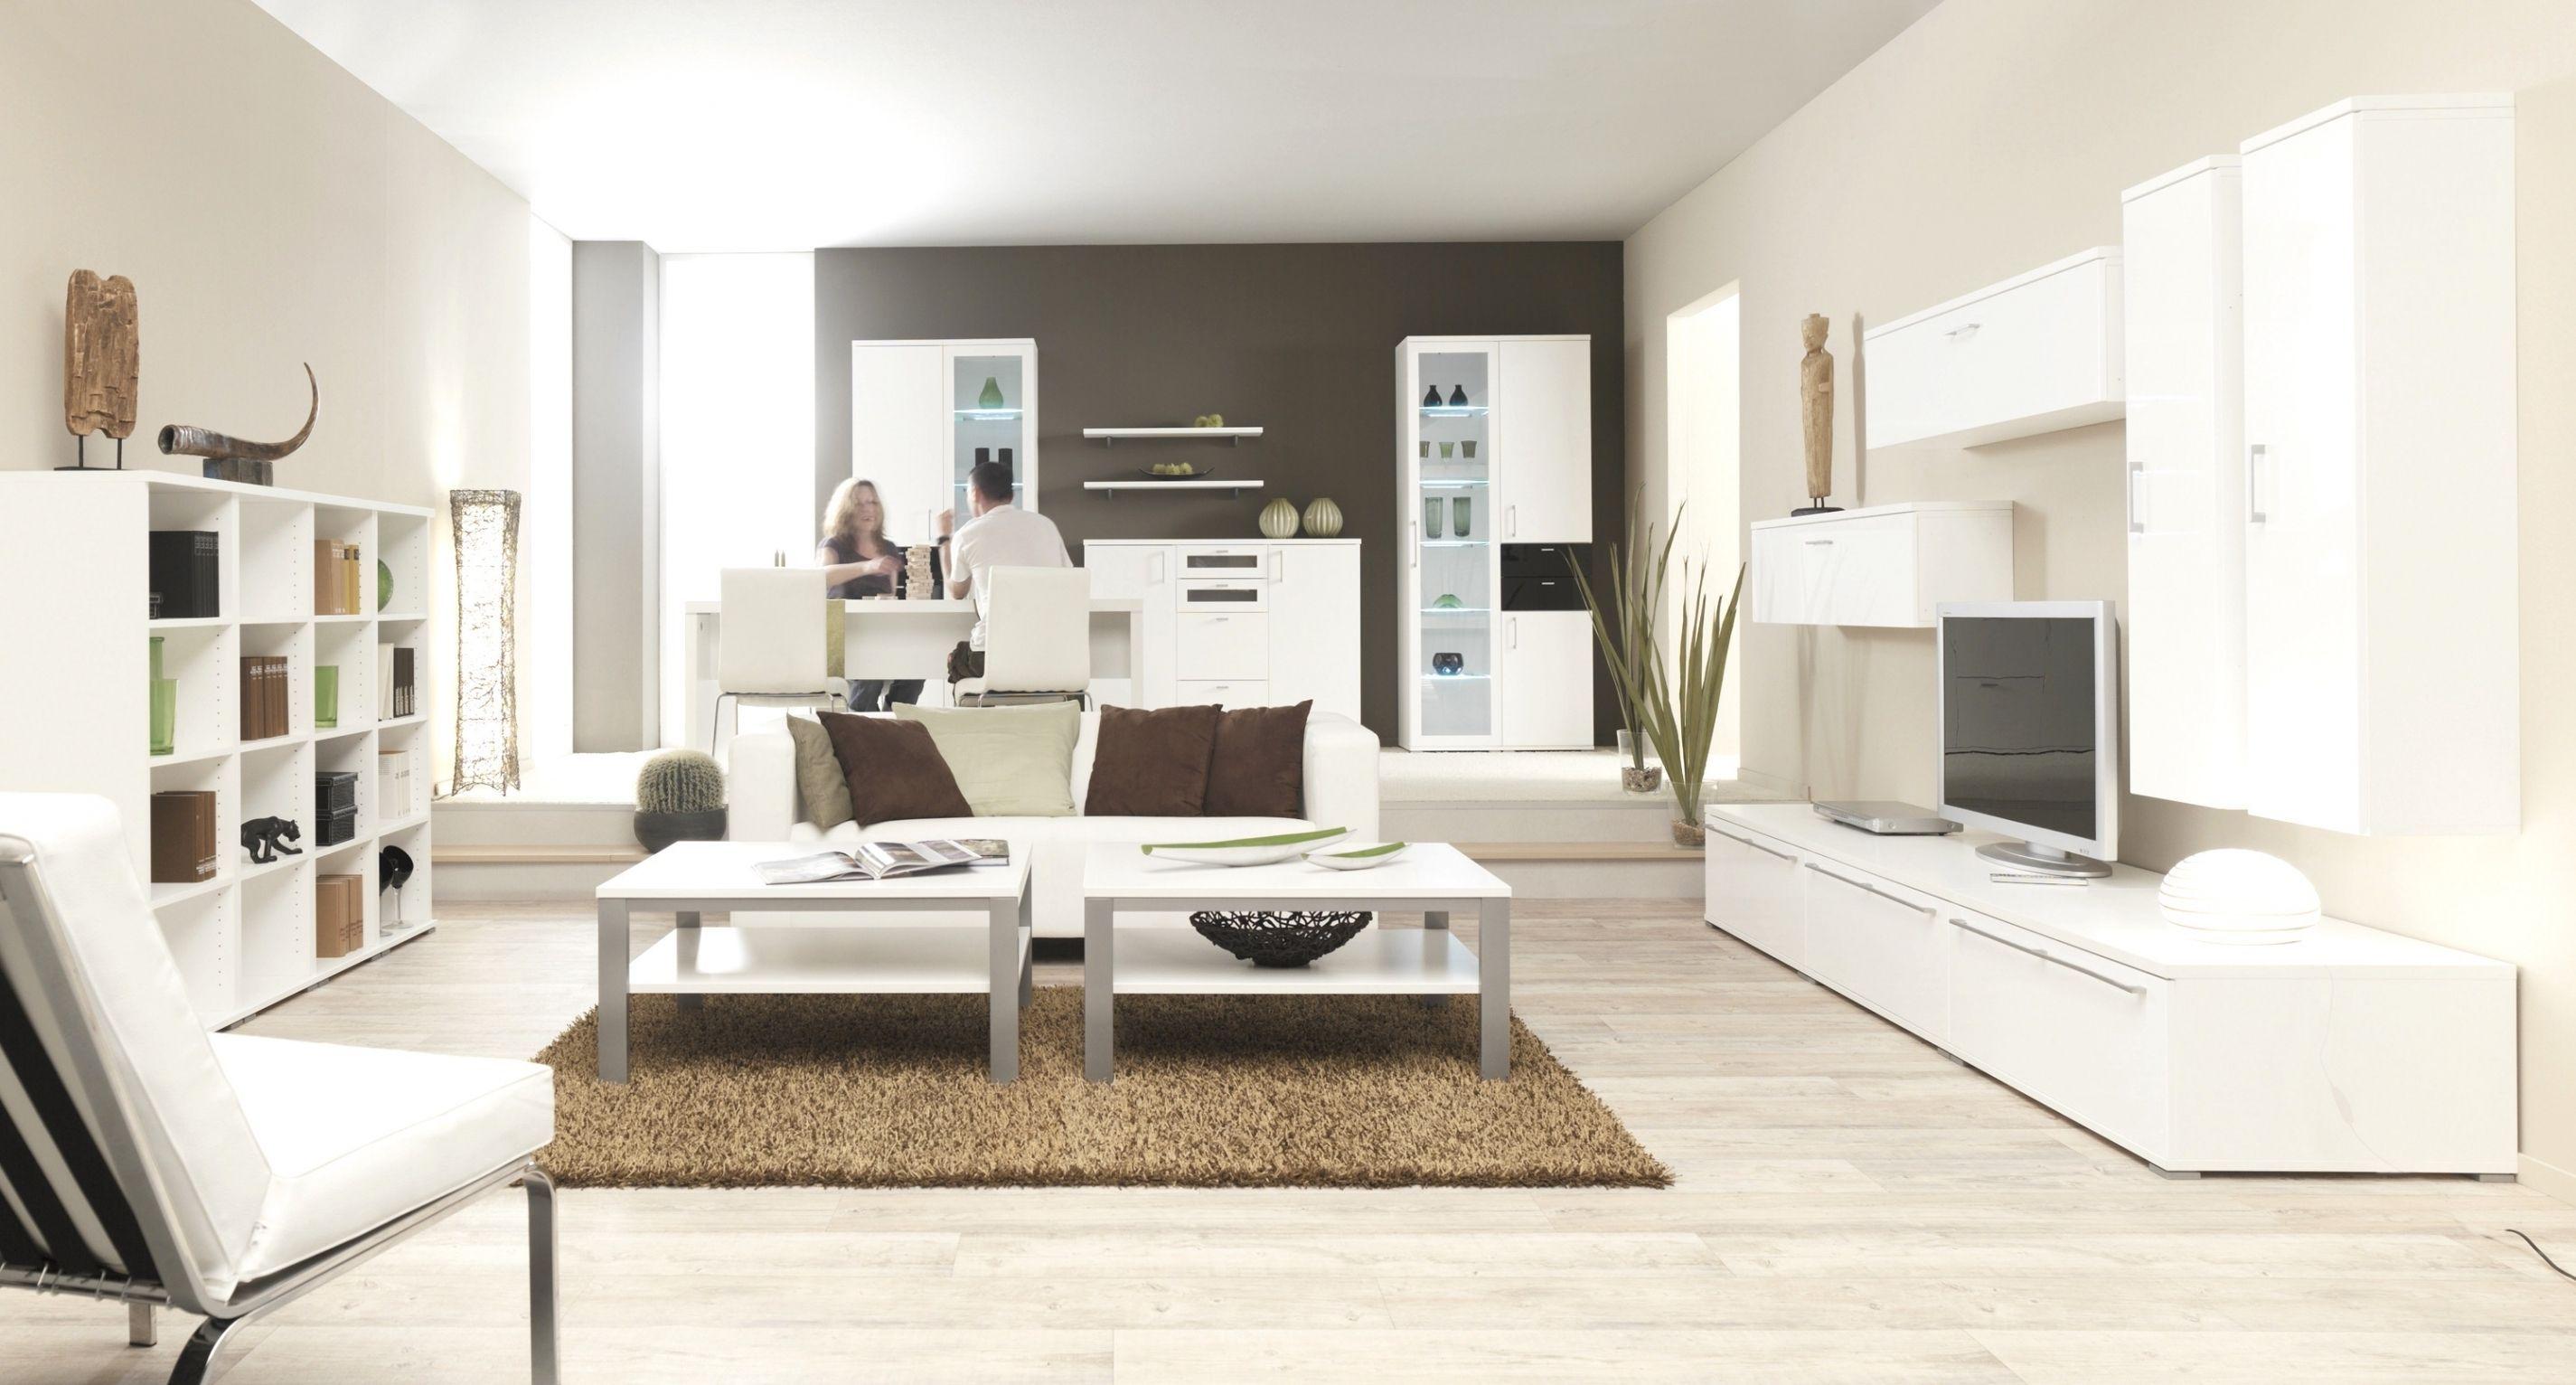 wohnzimmer einrichten online | Home decor, Home, Furniture